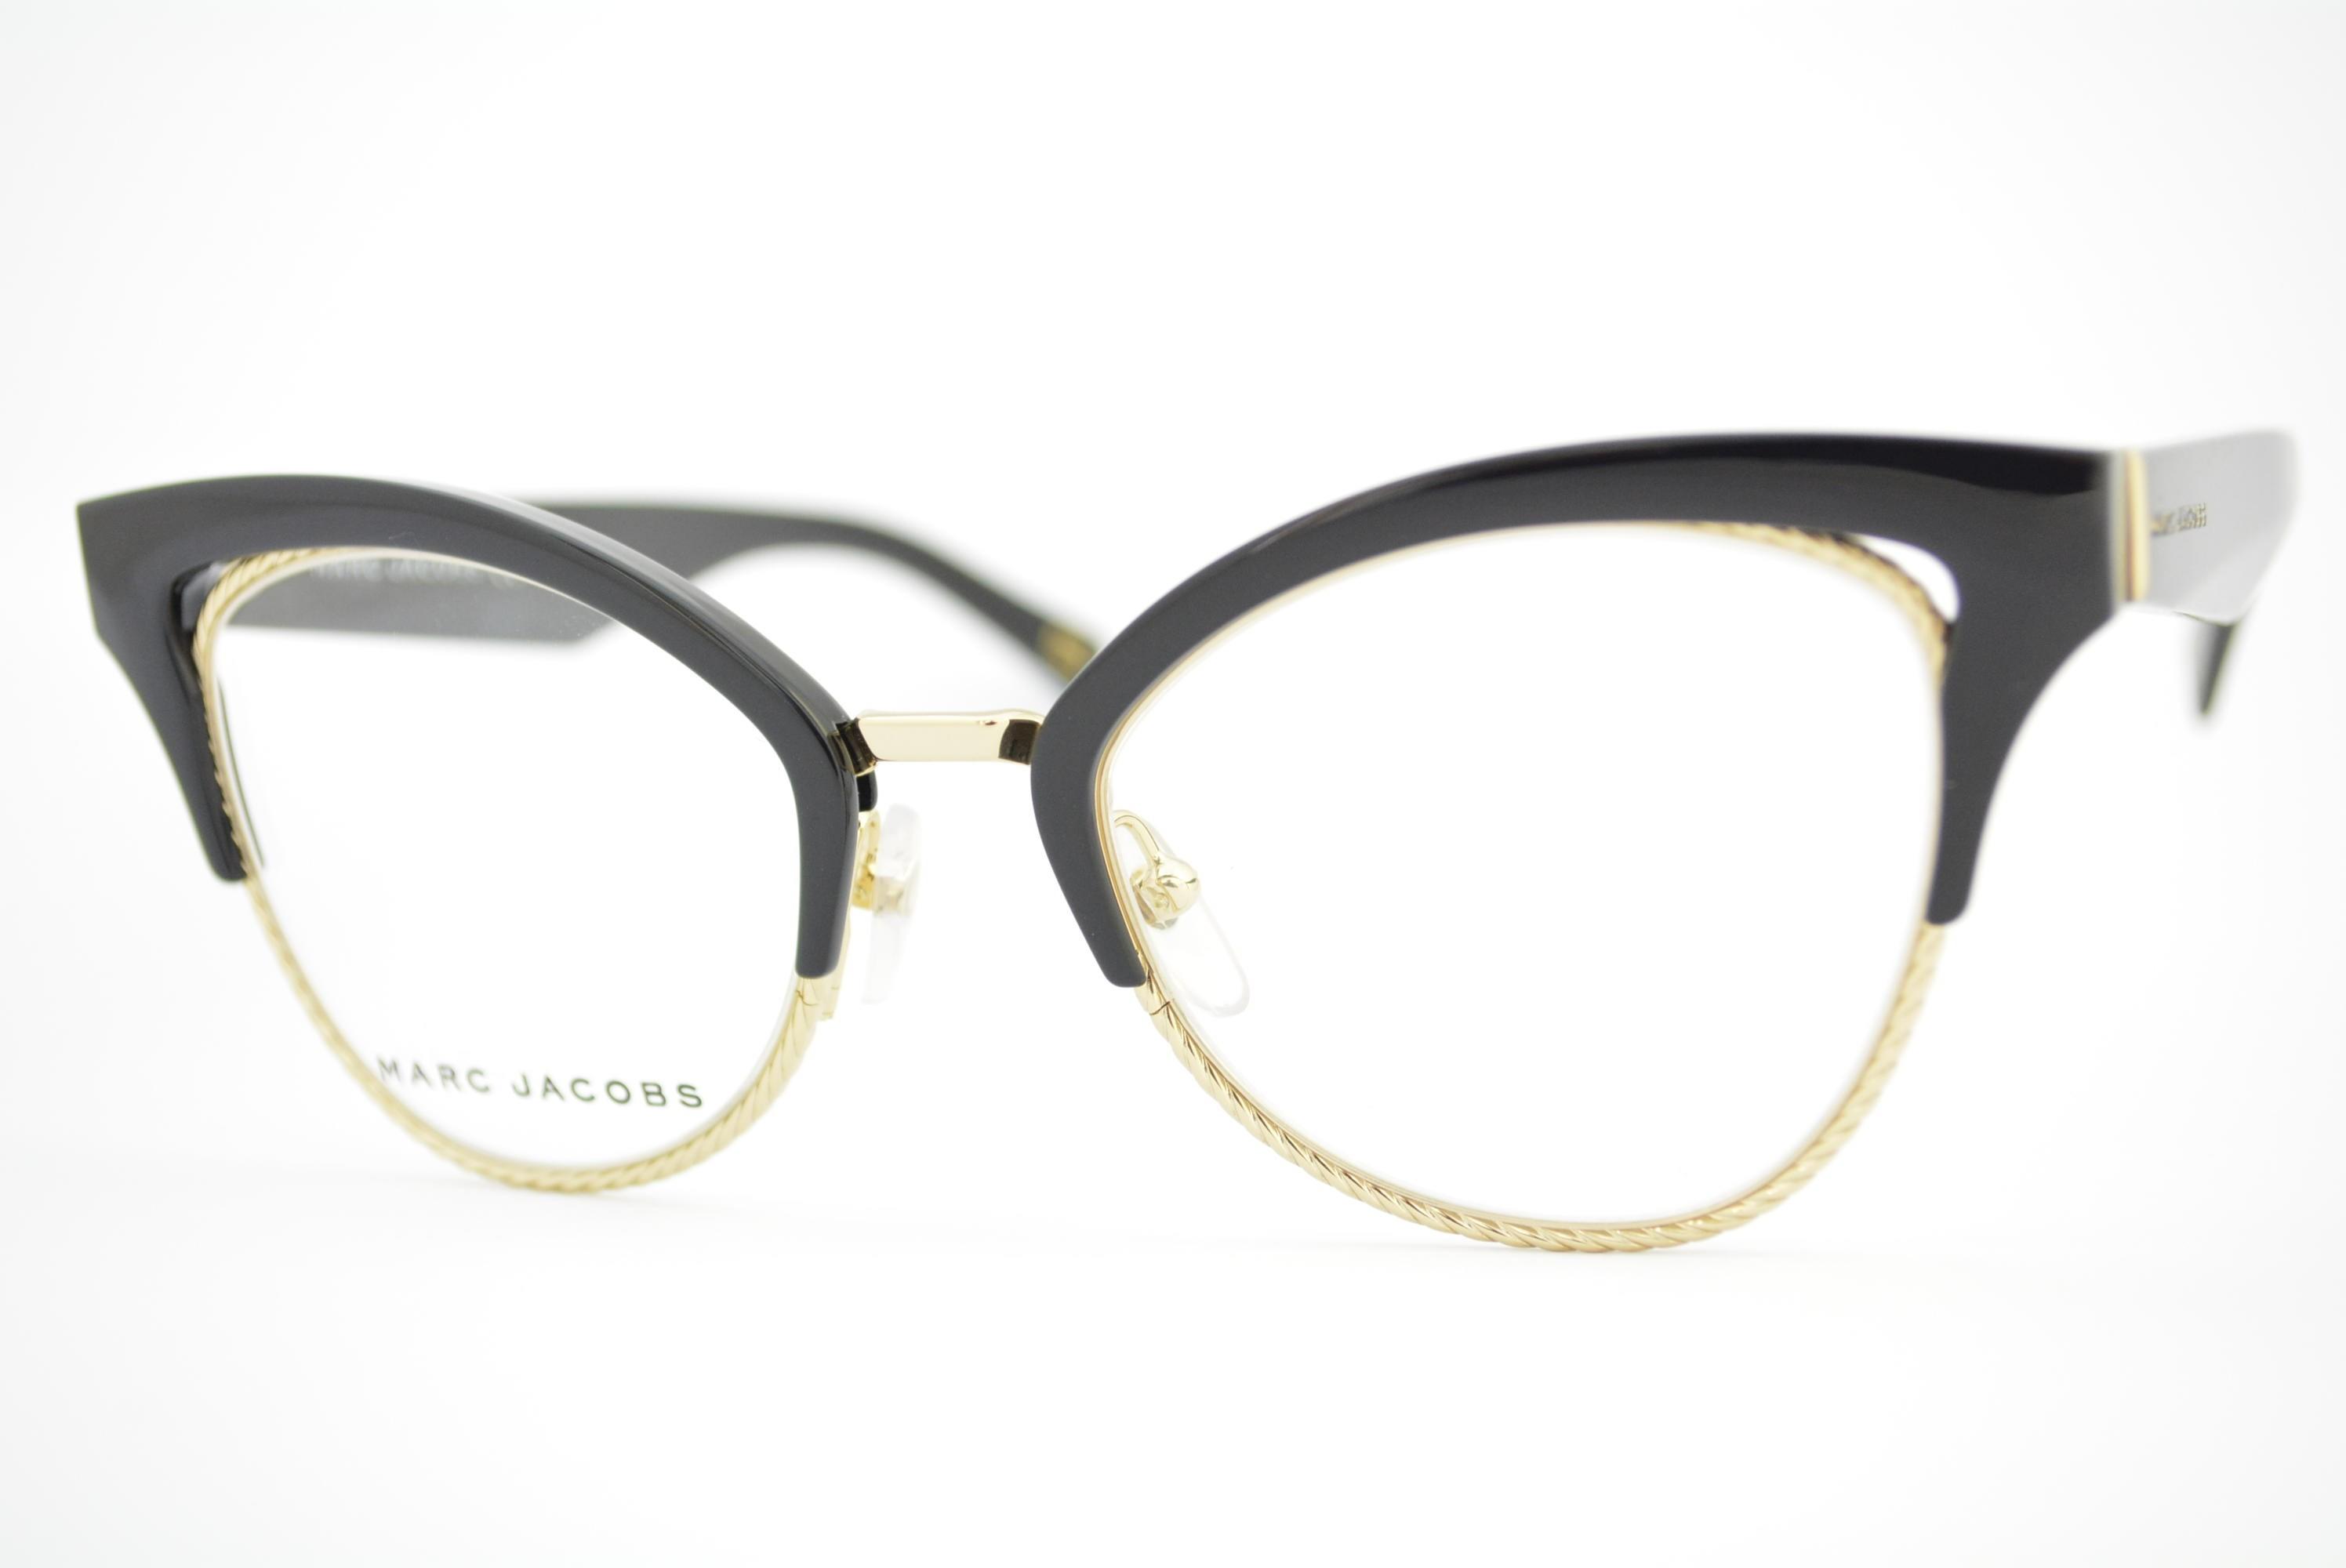 armação de óculos Marc Jacobs mod marc216 807